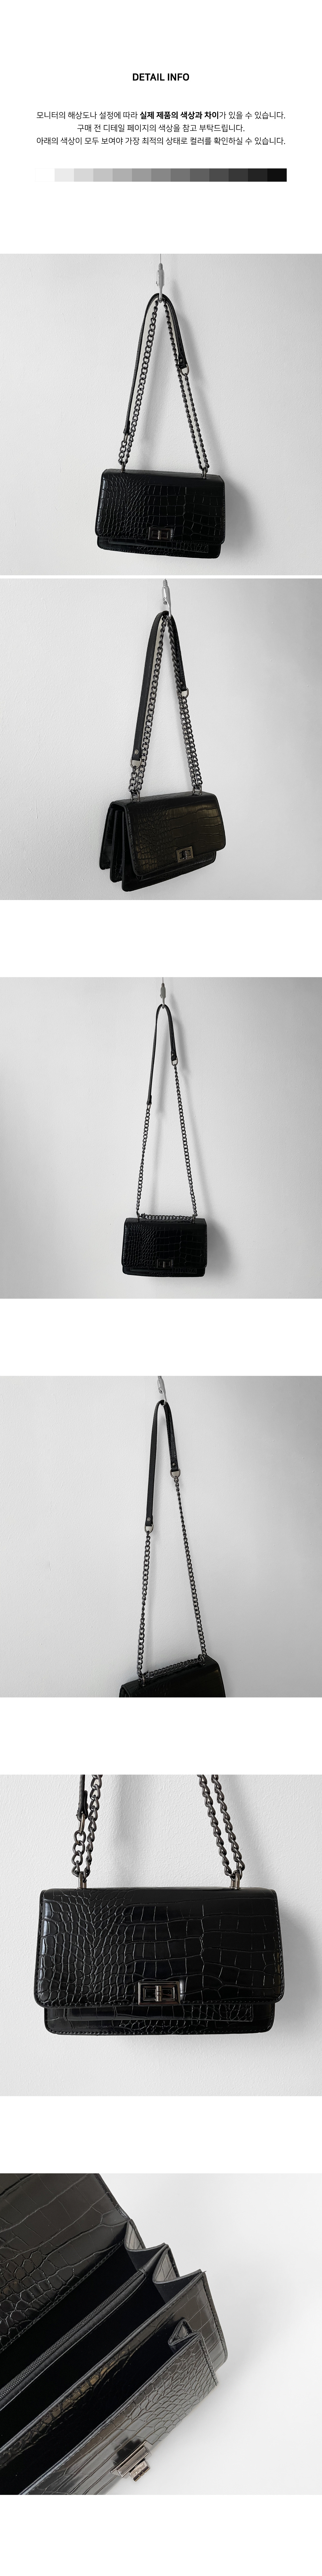 Etiv Wani black chain shoulder bag